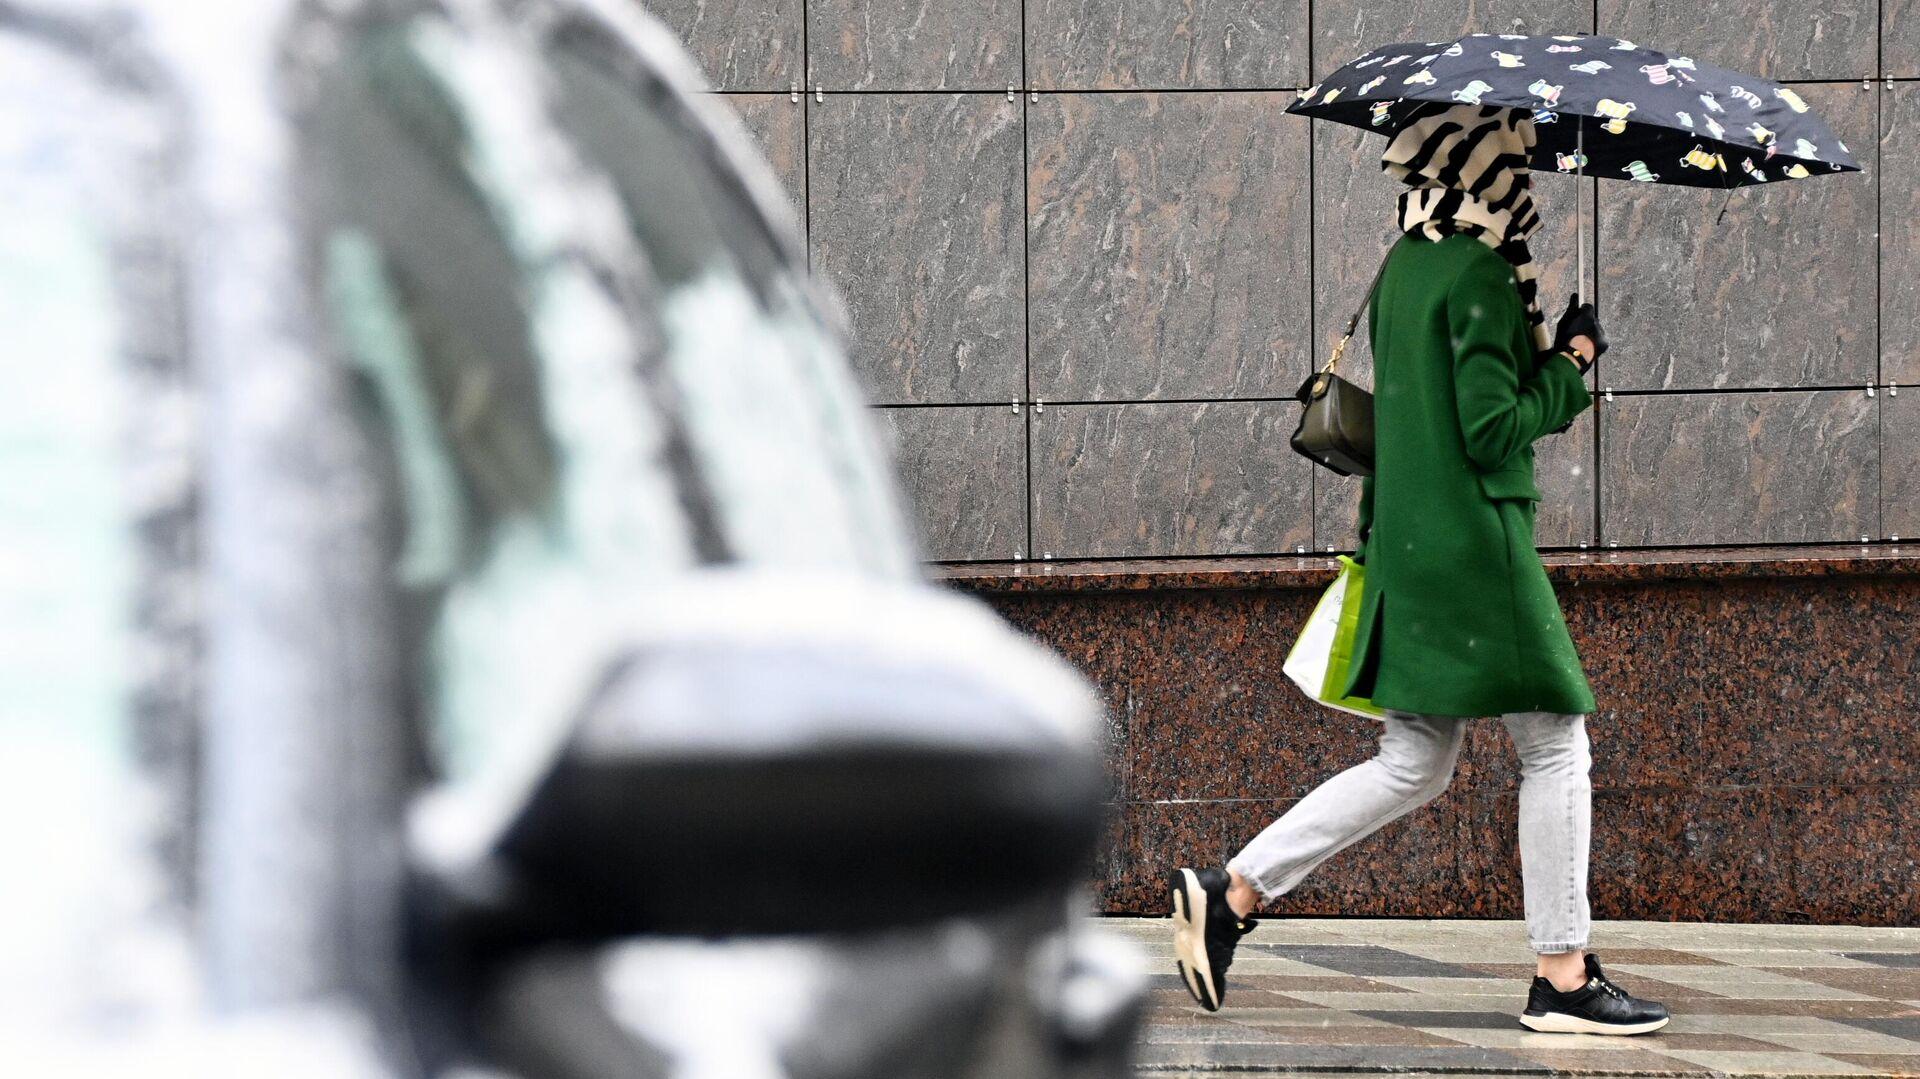 Девушка идет под зонтом во время снегопада в Москве - РИА Новости, 1920, 14.10.2021